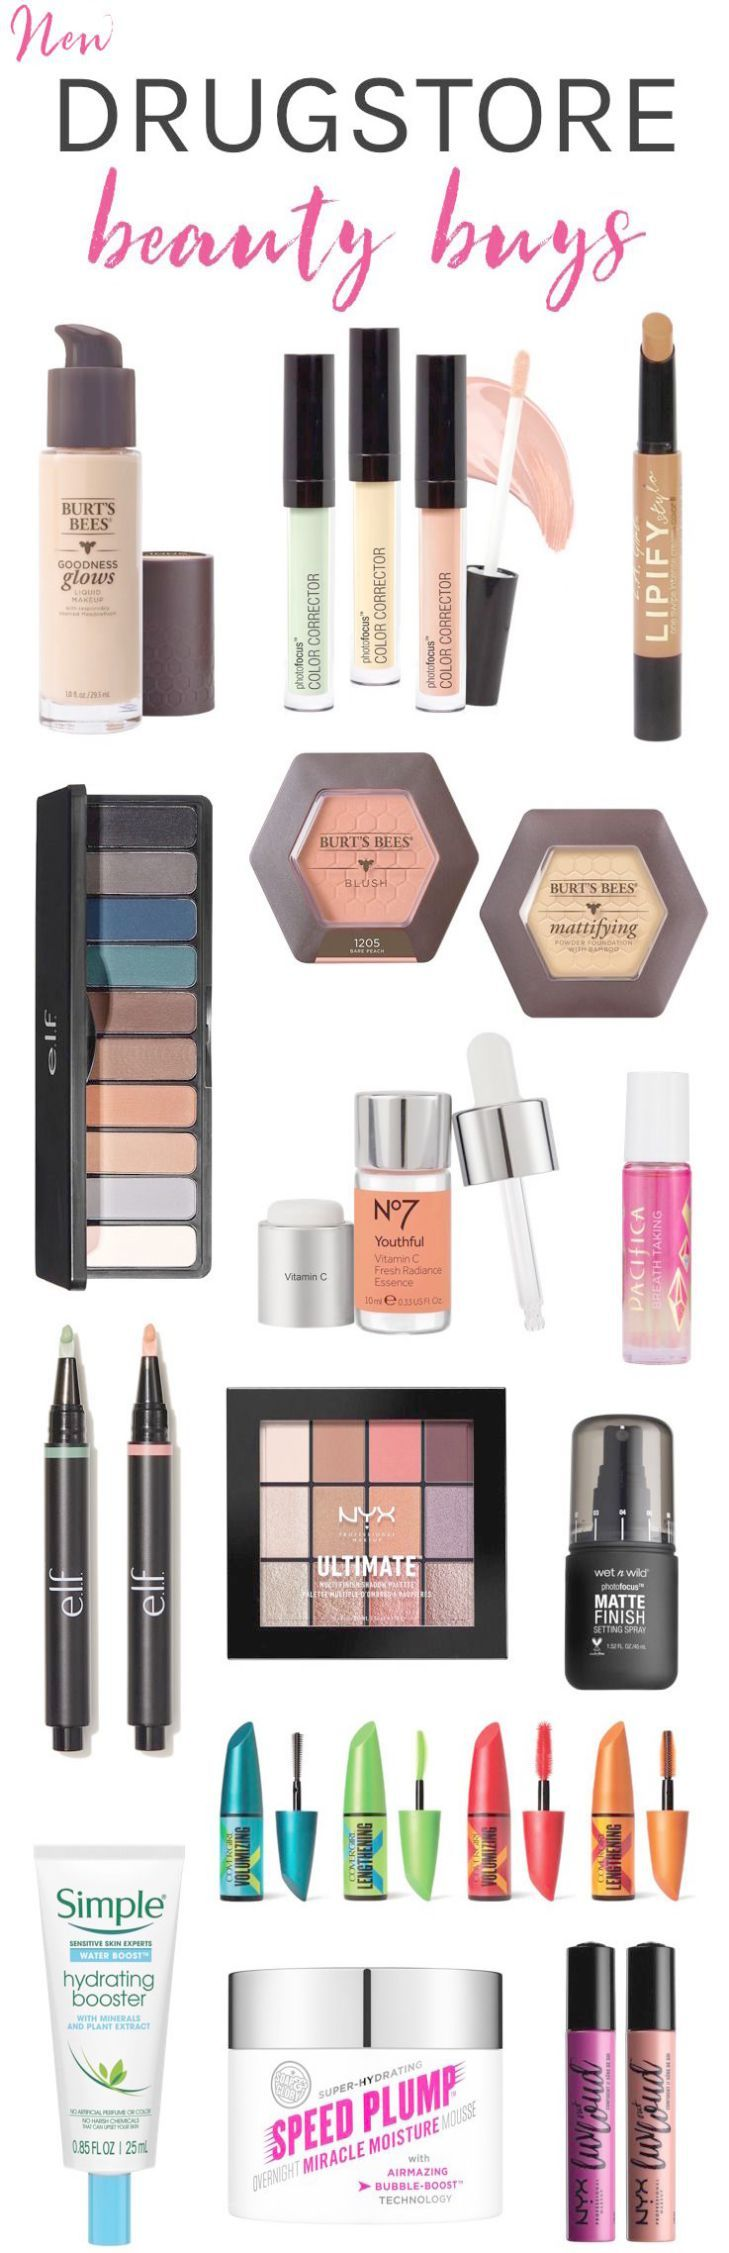 Makeup Vanity Building Plans past Makeup Looks Brown Eyes